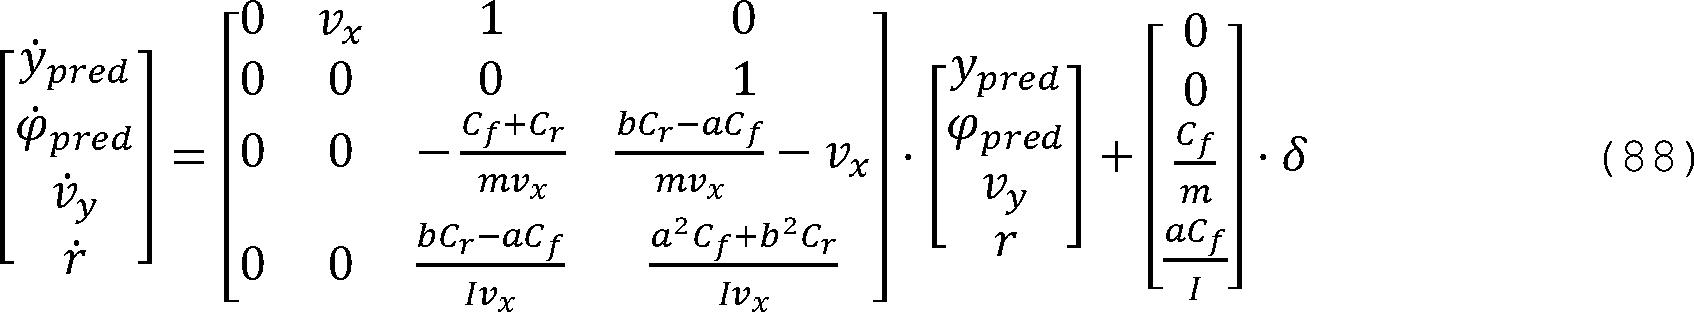 Figure DE102015114464A9_0020